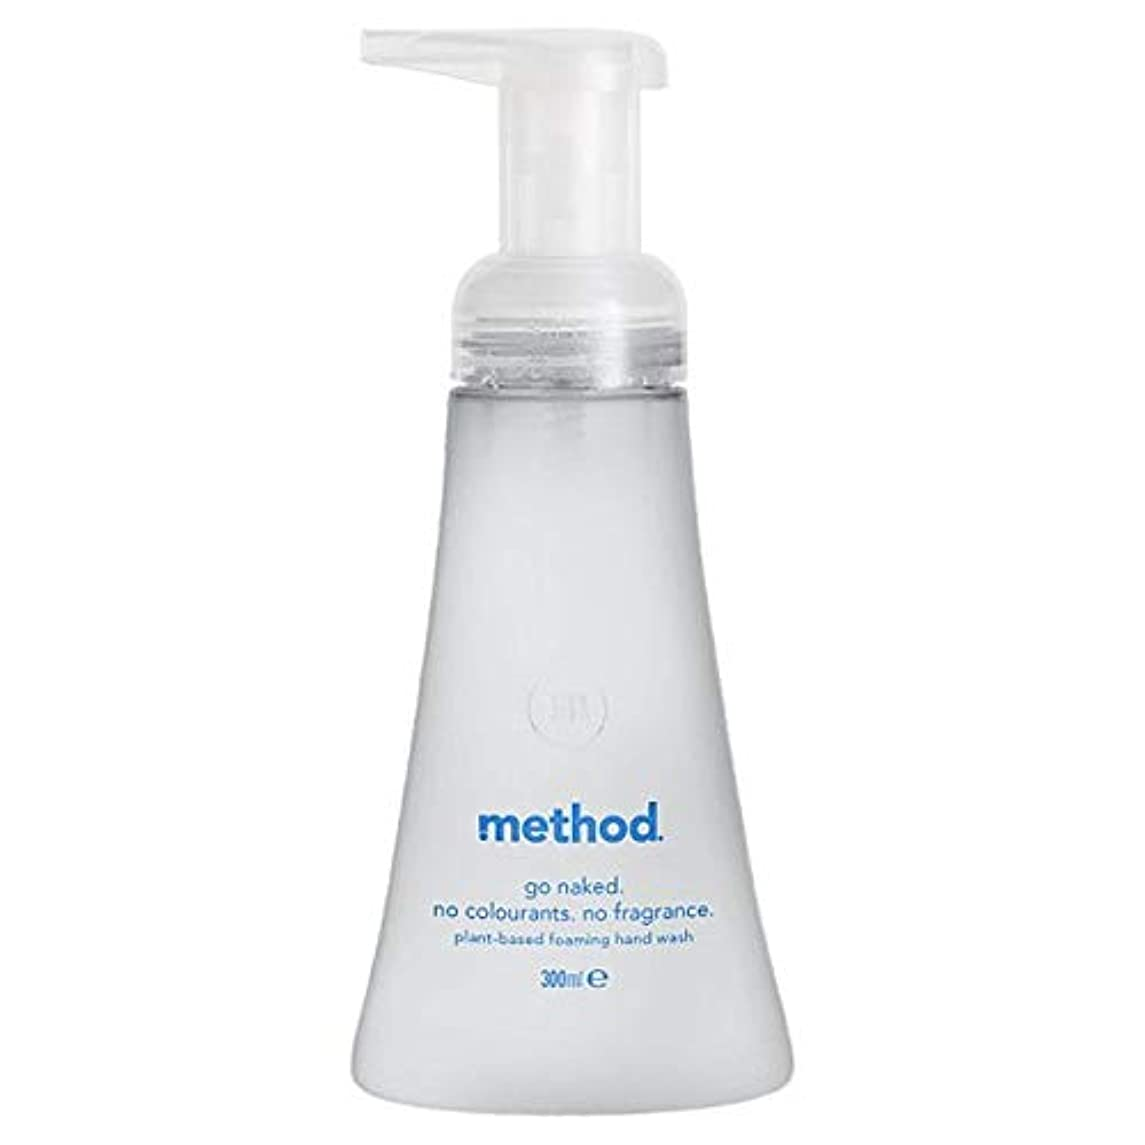 閉塞コウモリ品[Method ] メソッド裸発泡手洗いの300ミリリットル - Method Naked Foaming Handwash 300Ml [並行輸入品]